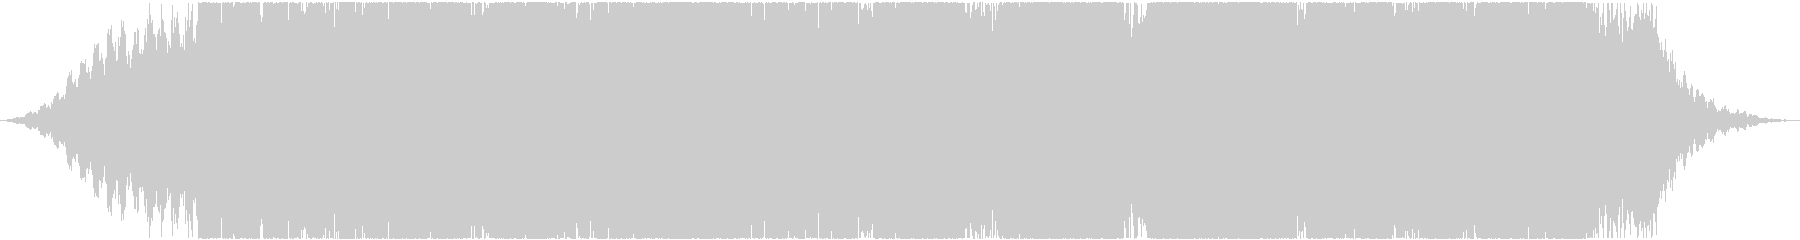 ドラマチックでダークなインストゥル...の未再生の波形